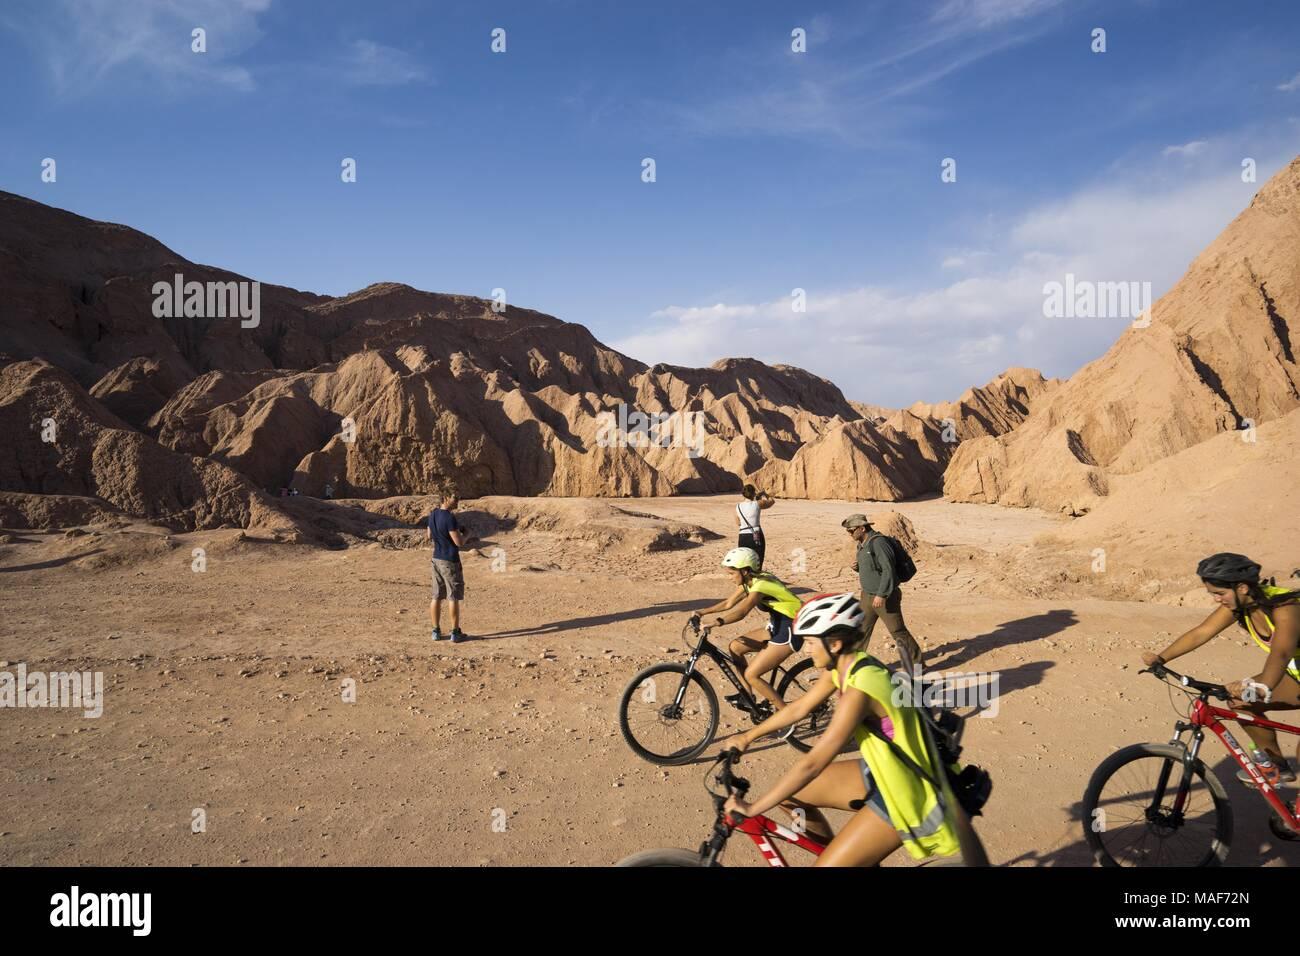 Valle de la muerte, death valley, in Chile, Atacama - Stock Image